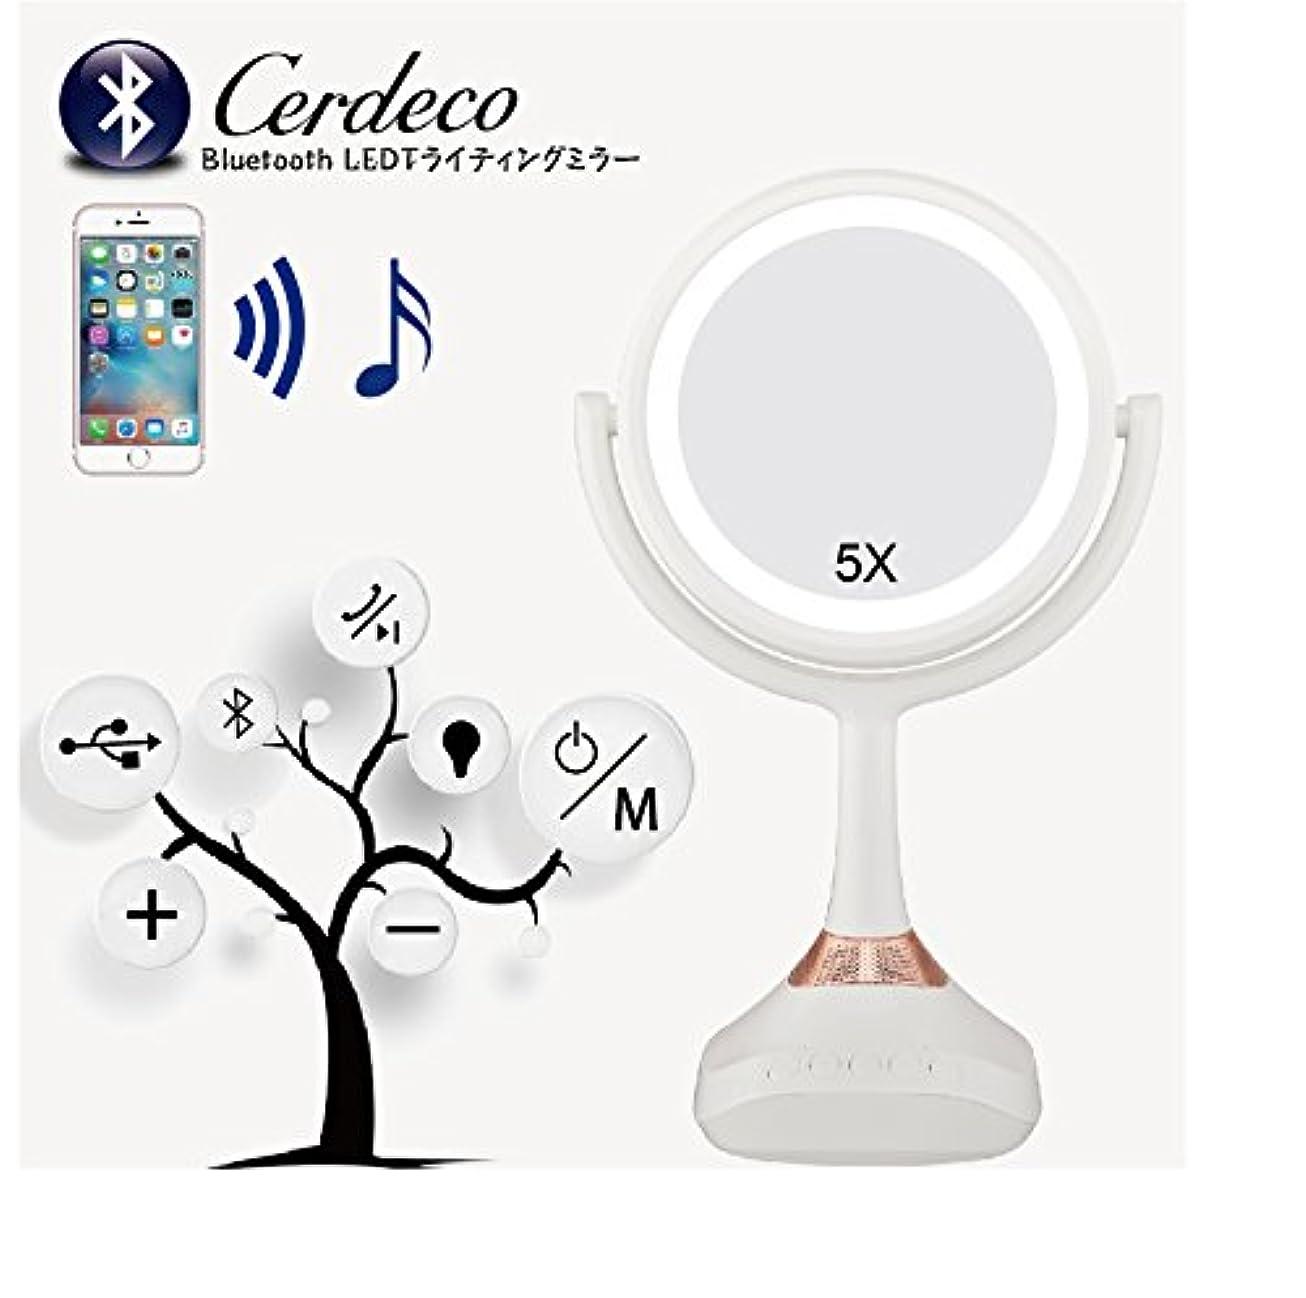 無条件甘やかすトレイル(セーディコ)Cerdeco Bluetoothスピーカー LEDライティングミラー 5倍拡大率 ハンズフリー通話可能 USB給電 真実の両面鏡DX 鏡面φ153mm D638M (ホワイト?Bluetooth卓上鏡)